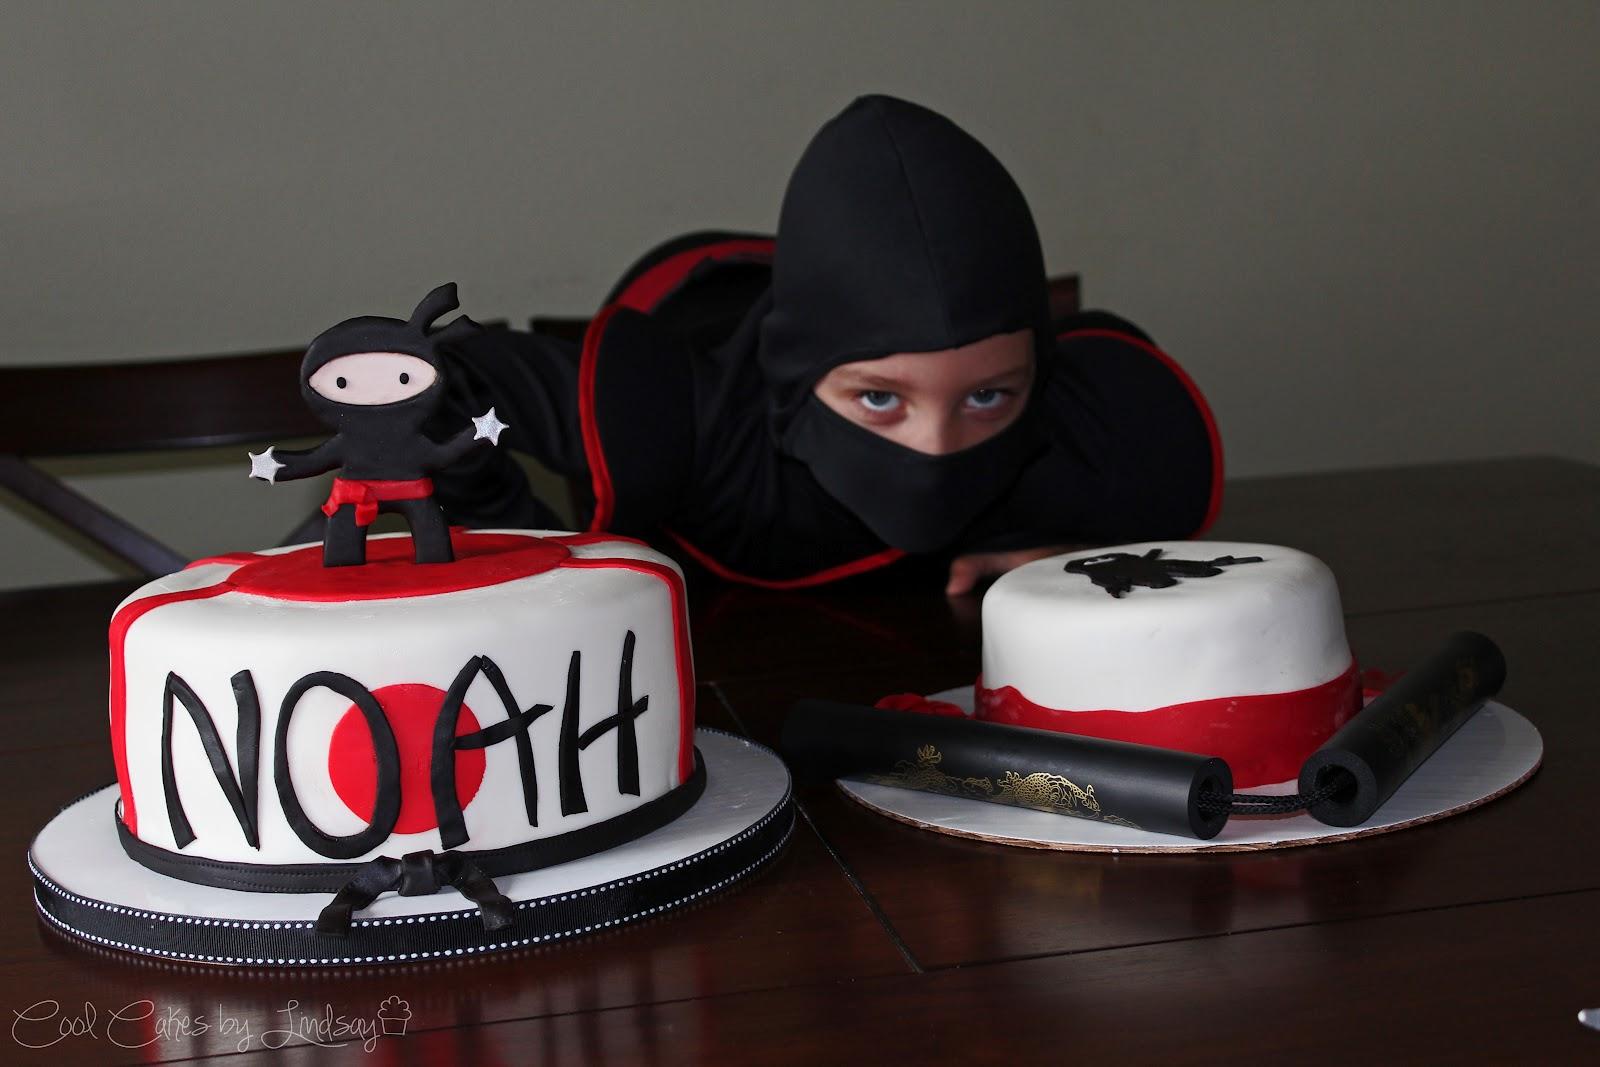 Ninja cake with vanilla cake and vanilla buttercream covered in